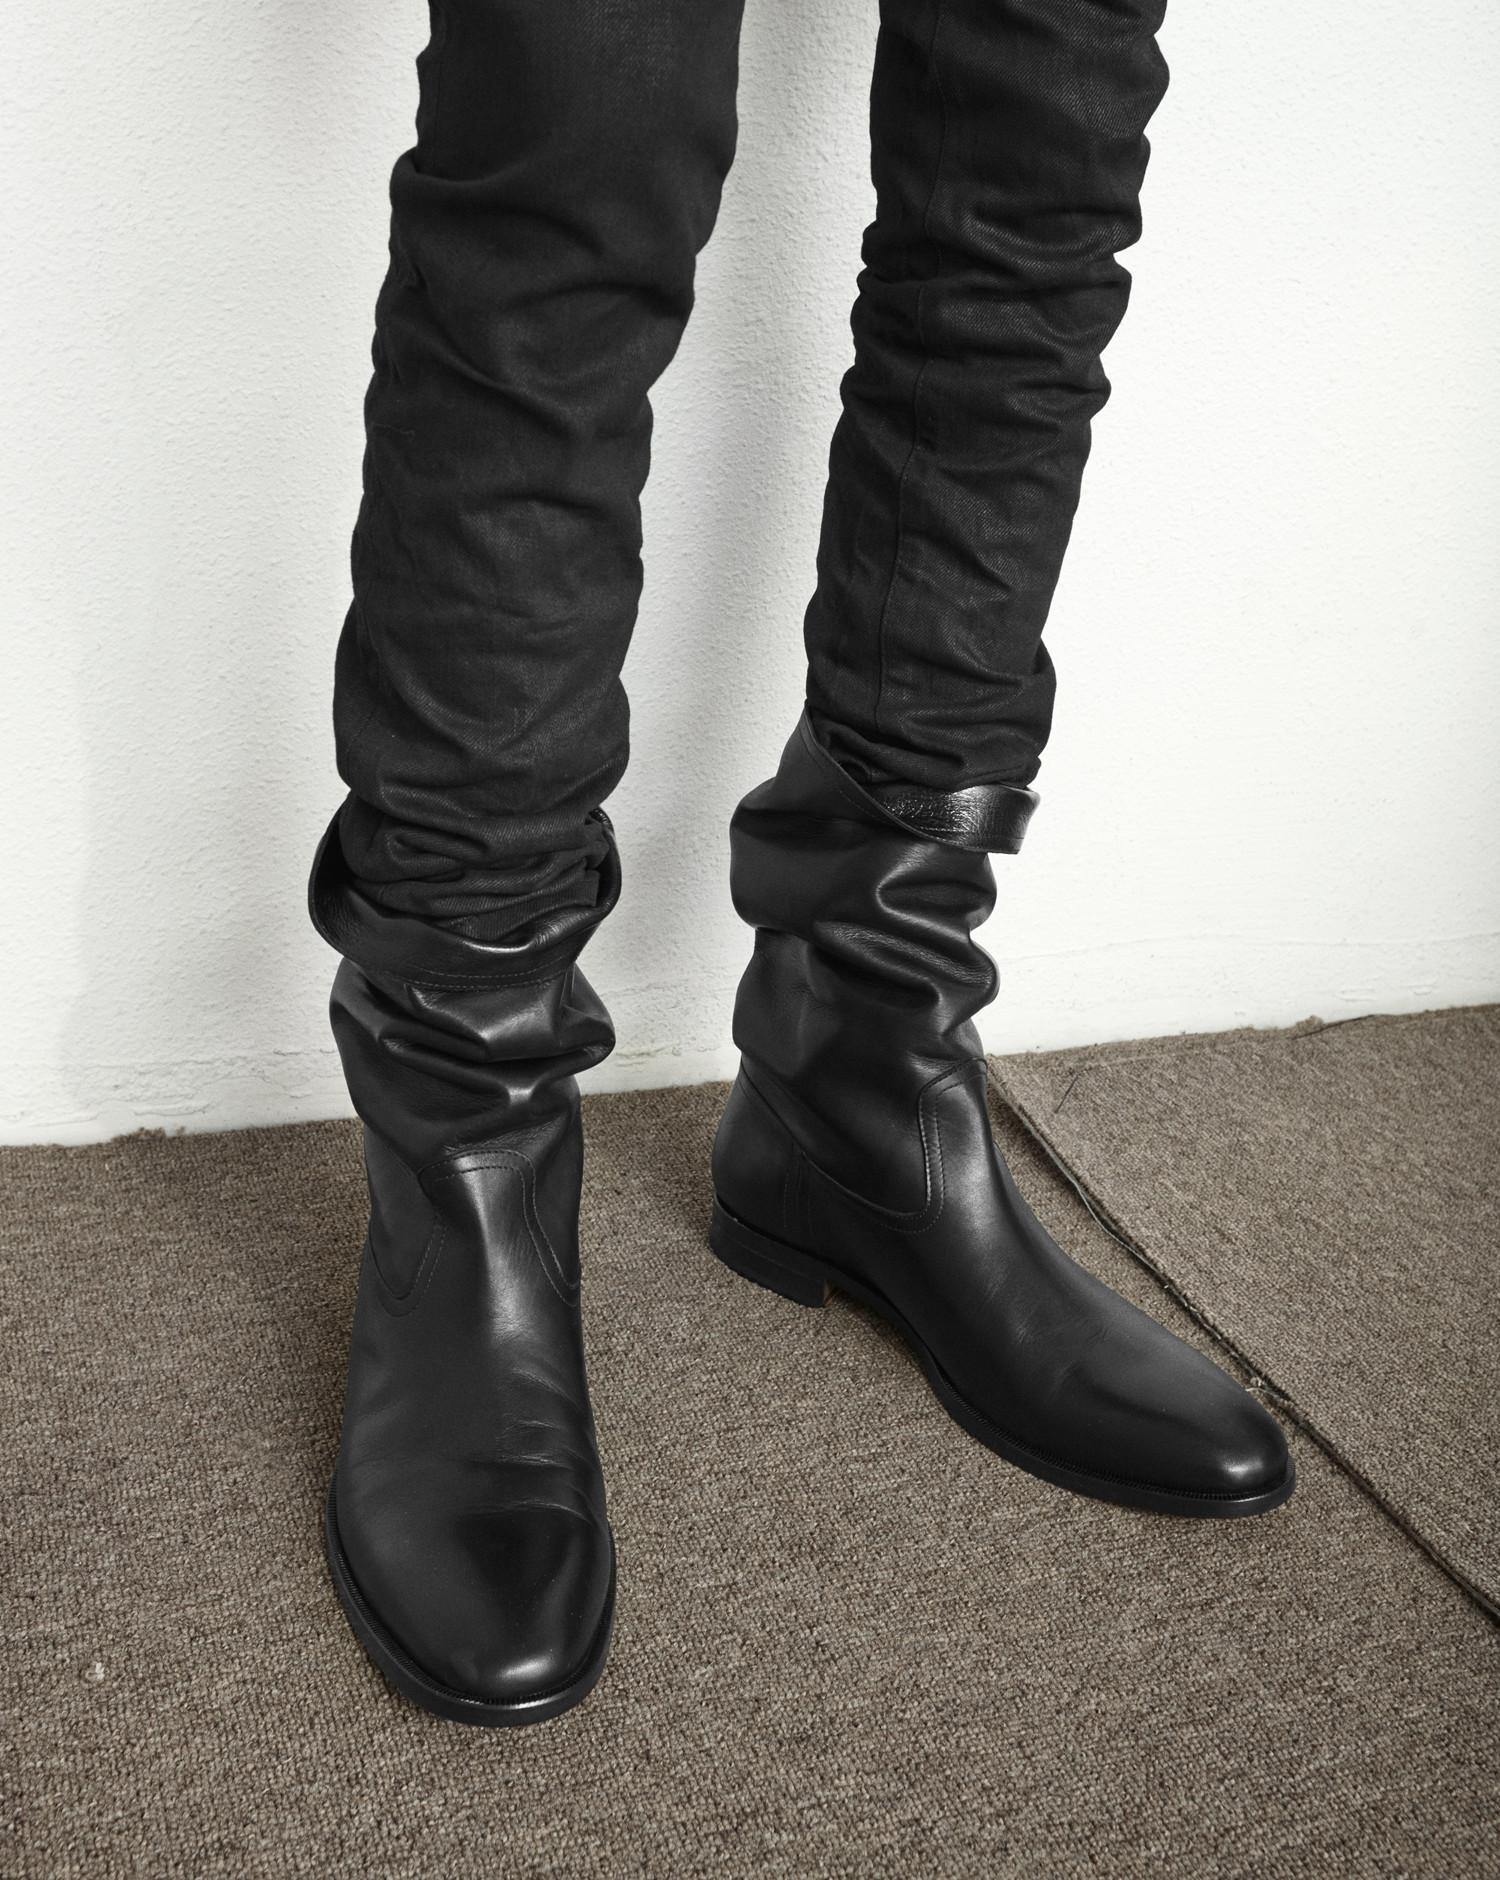 e90b7fe057 Saint Laurent Matt 25 Boot In Black Leather - Lyst